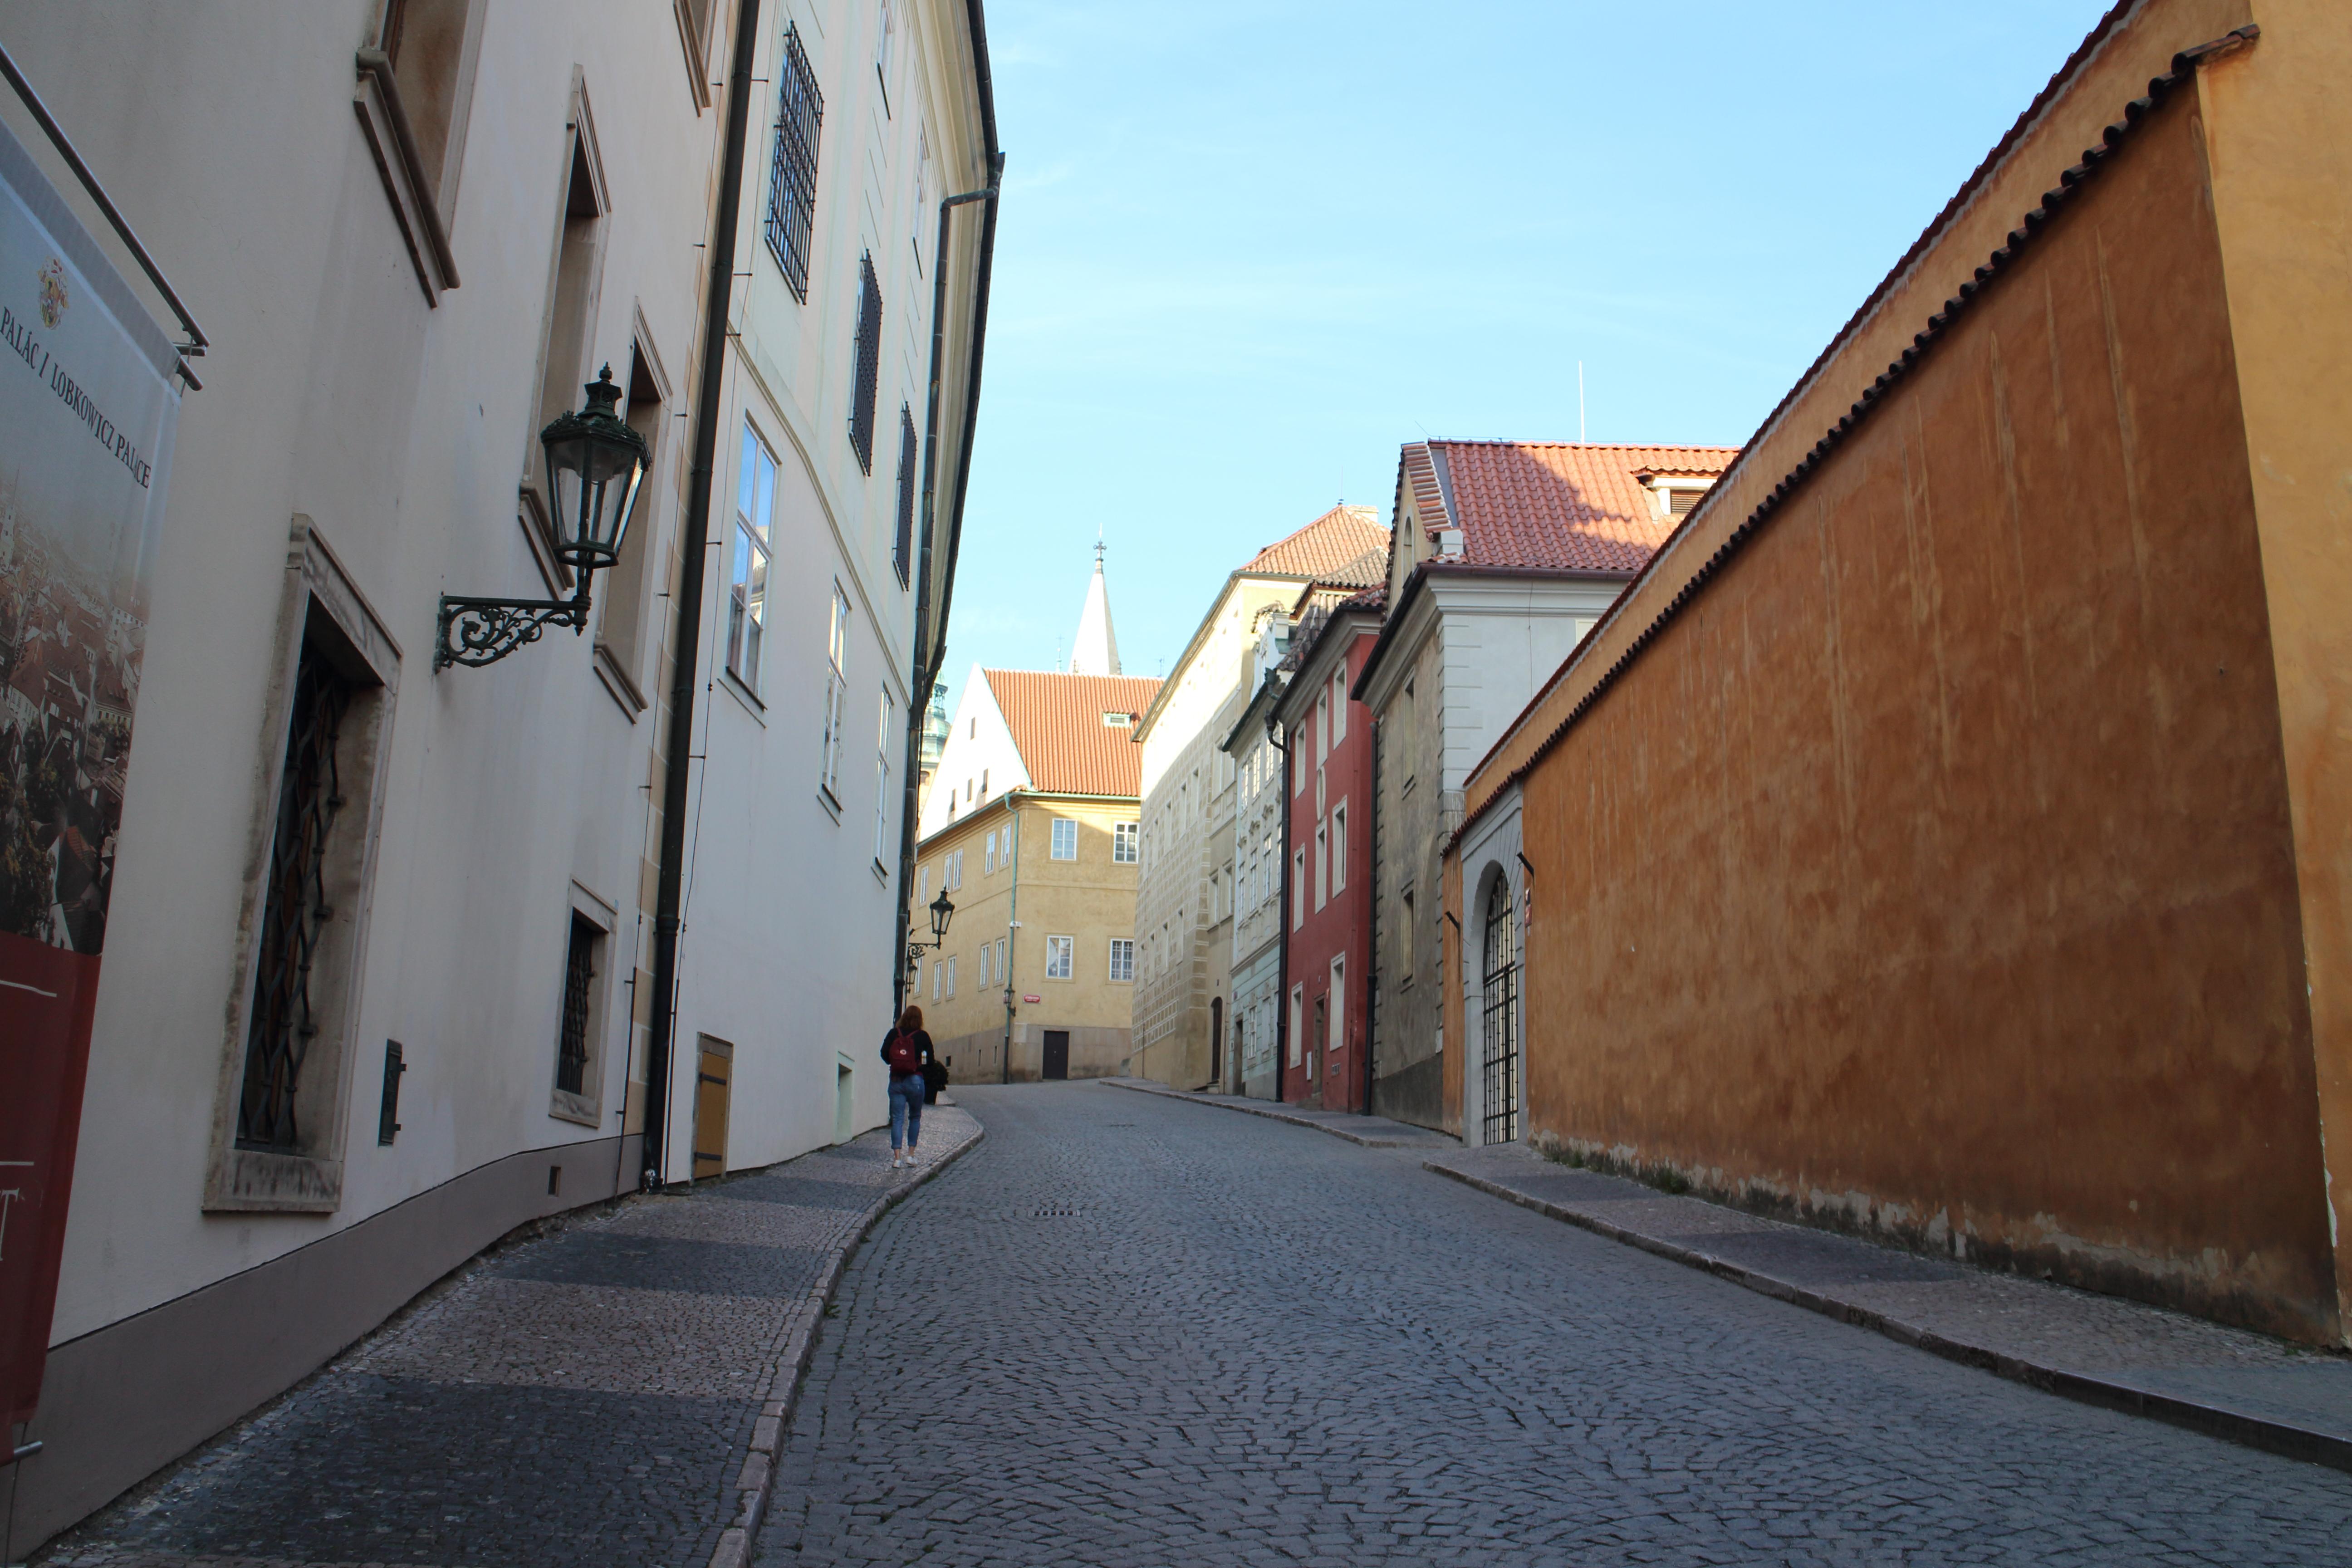 1泊2日でプラハ観光☆2日目、朝イチでプラハ城へ向かう